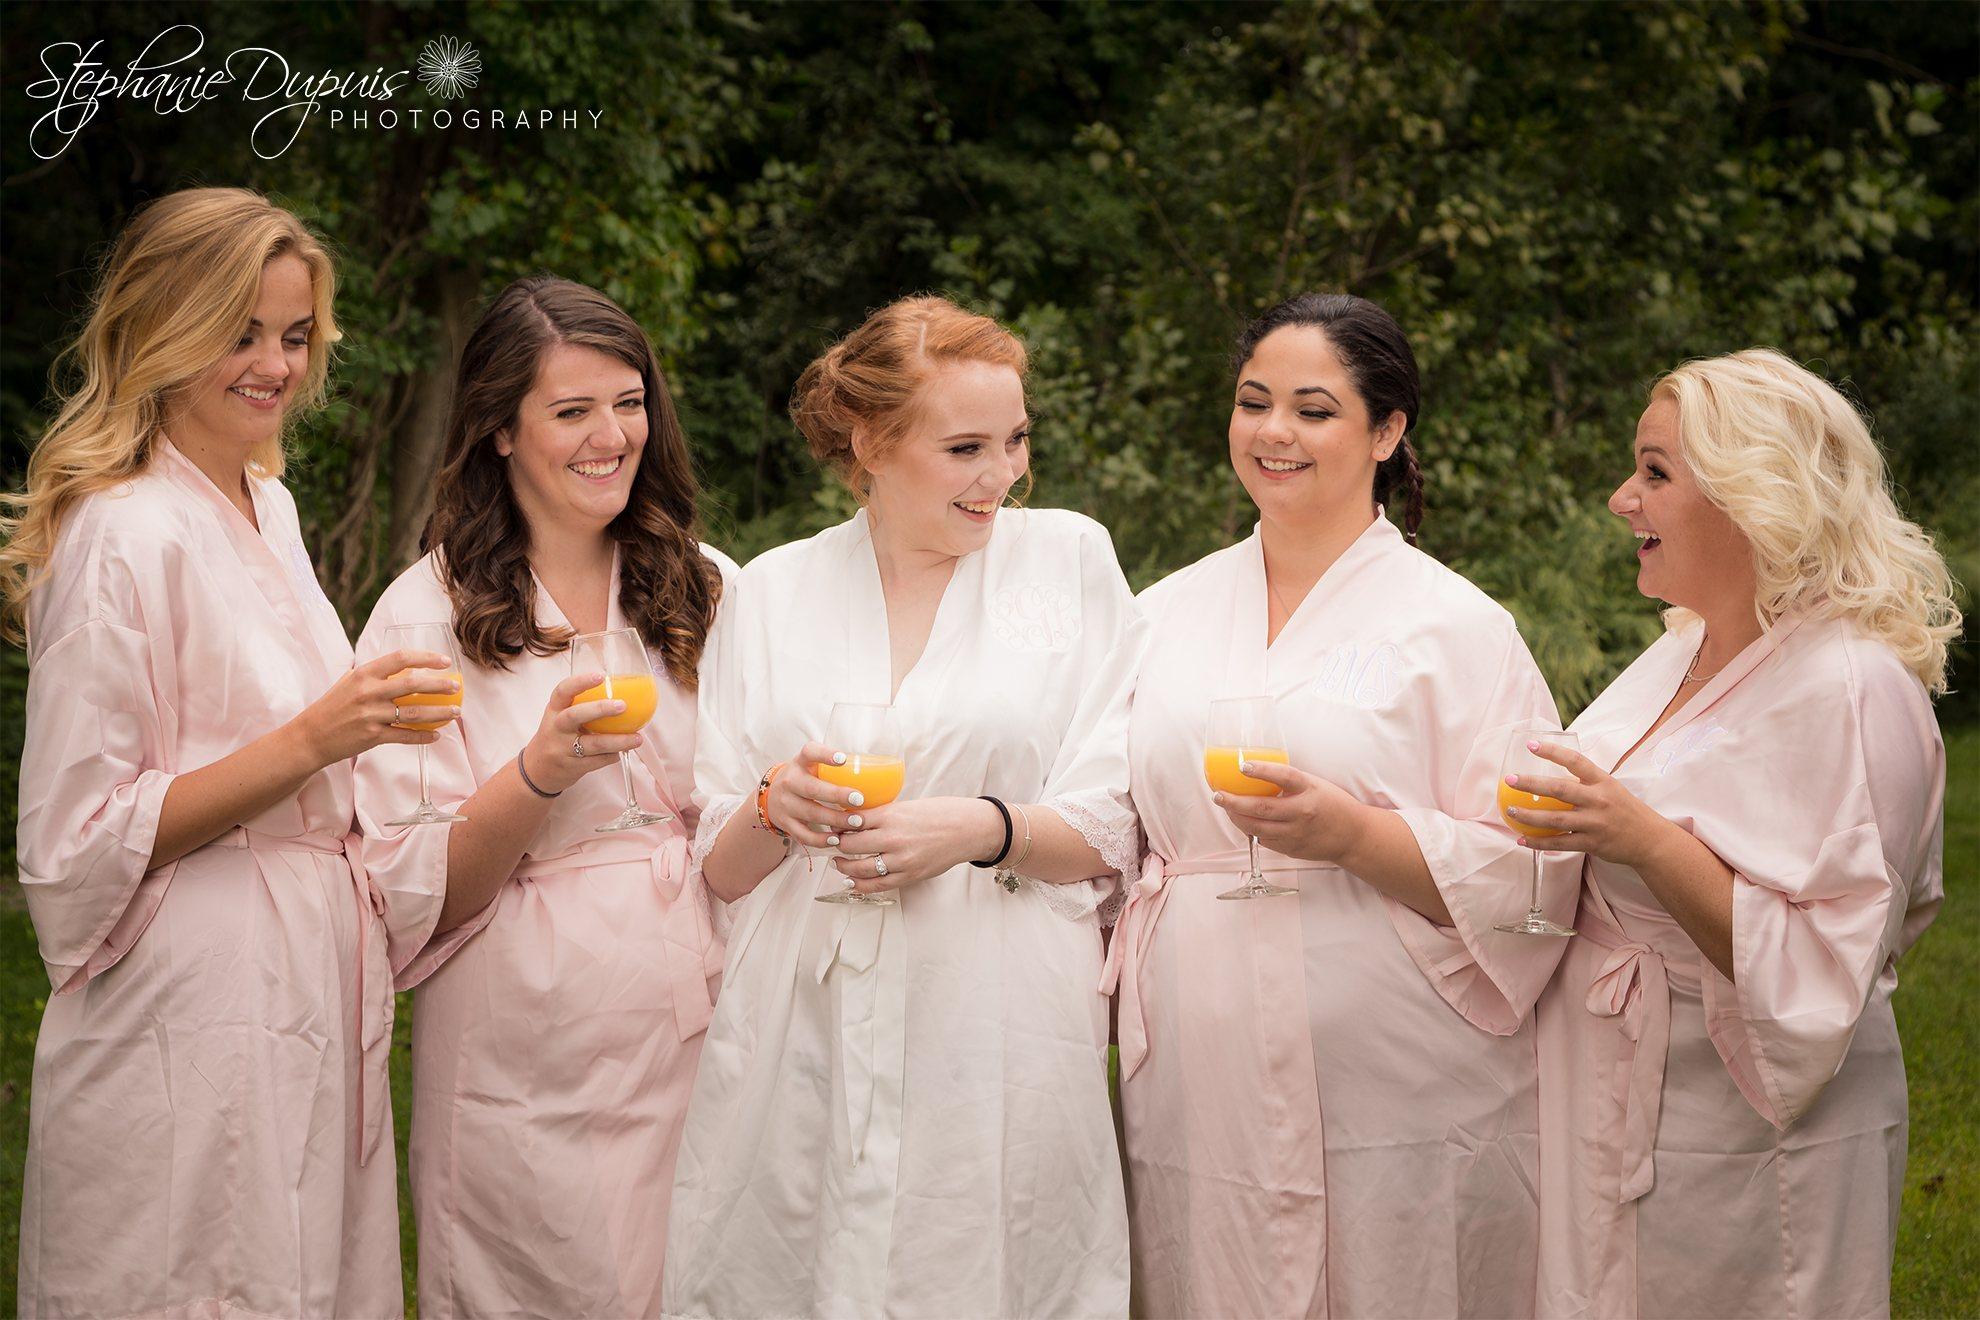 Gaffney 7 - Portfolio: Gaffney Wedding